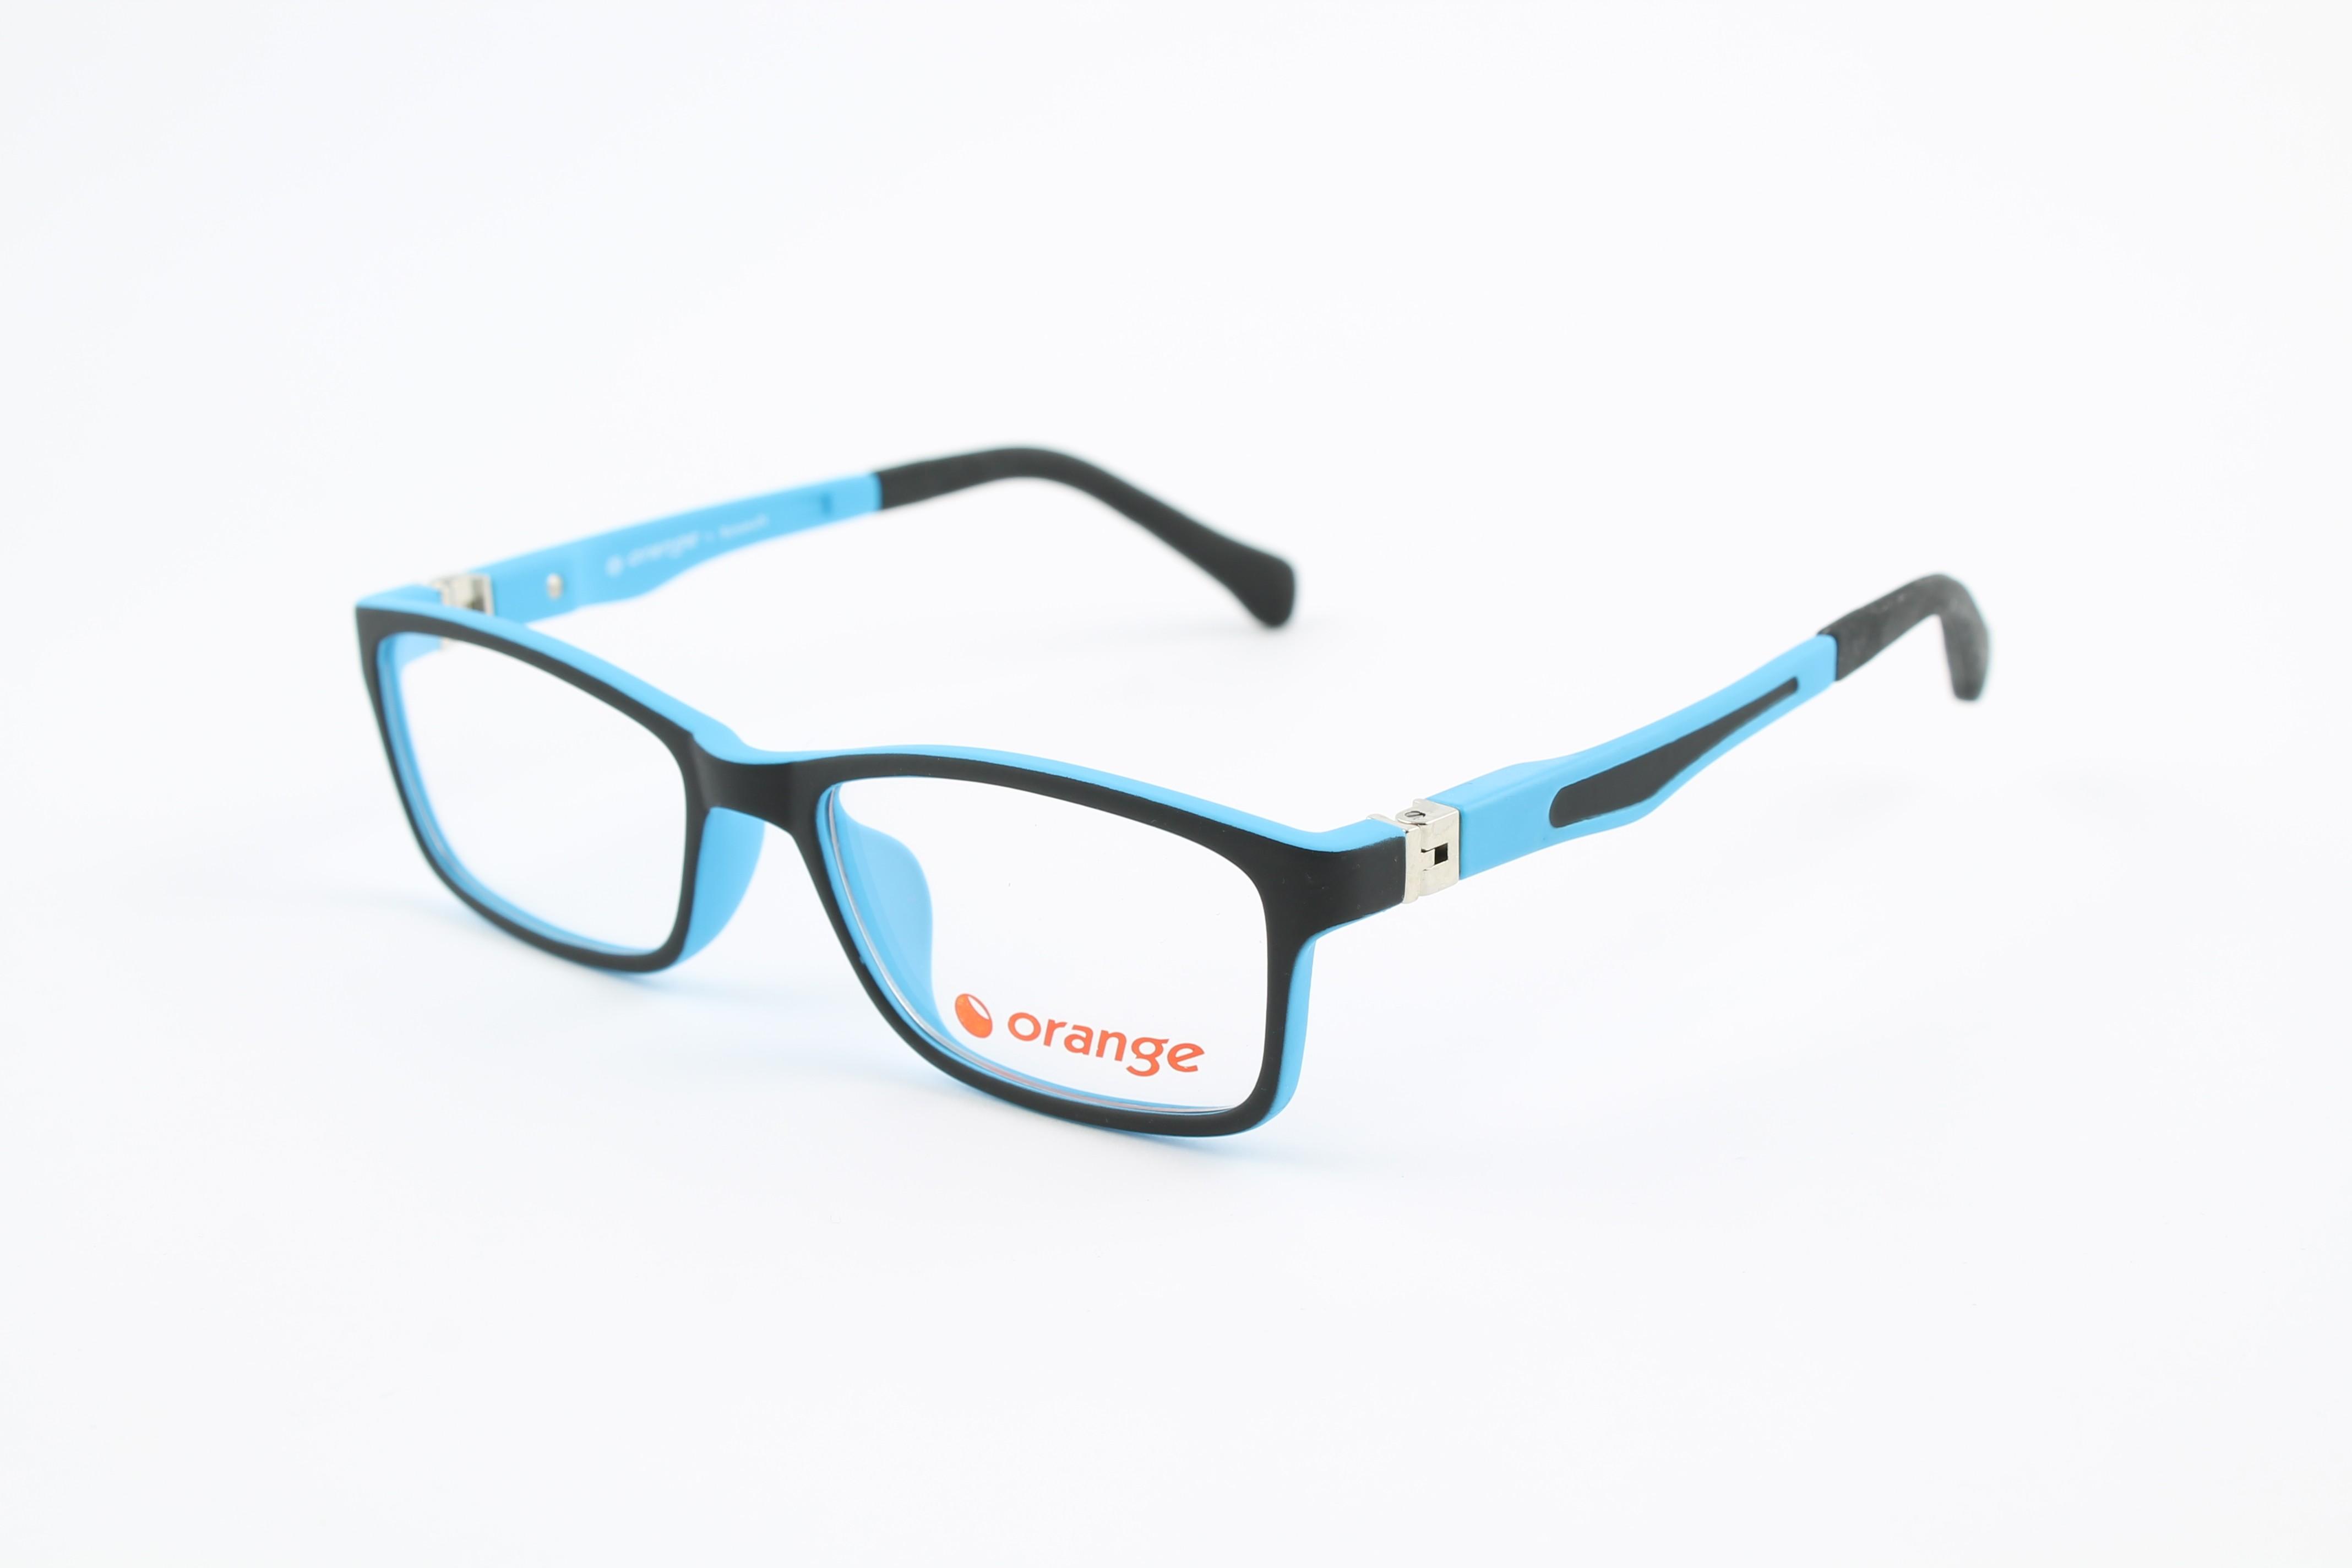 Orange by Bergman - 8068 C3 szemüvegkeretek e801c3a620